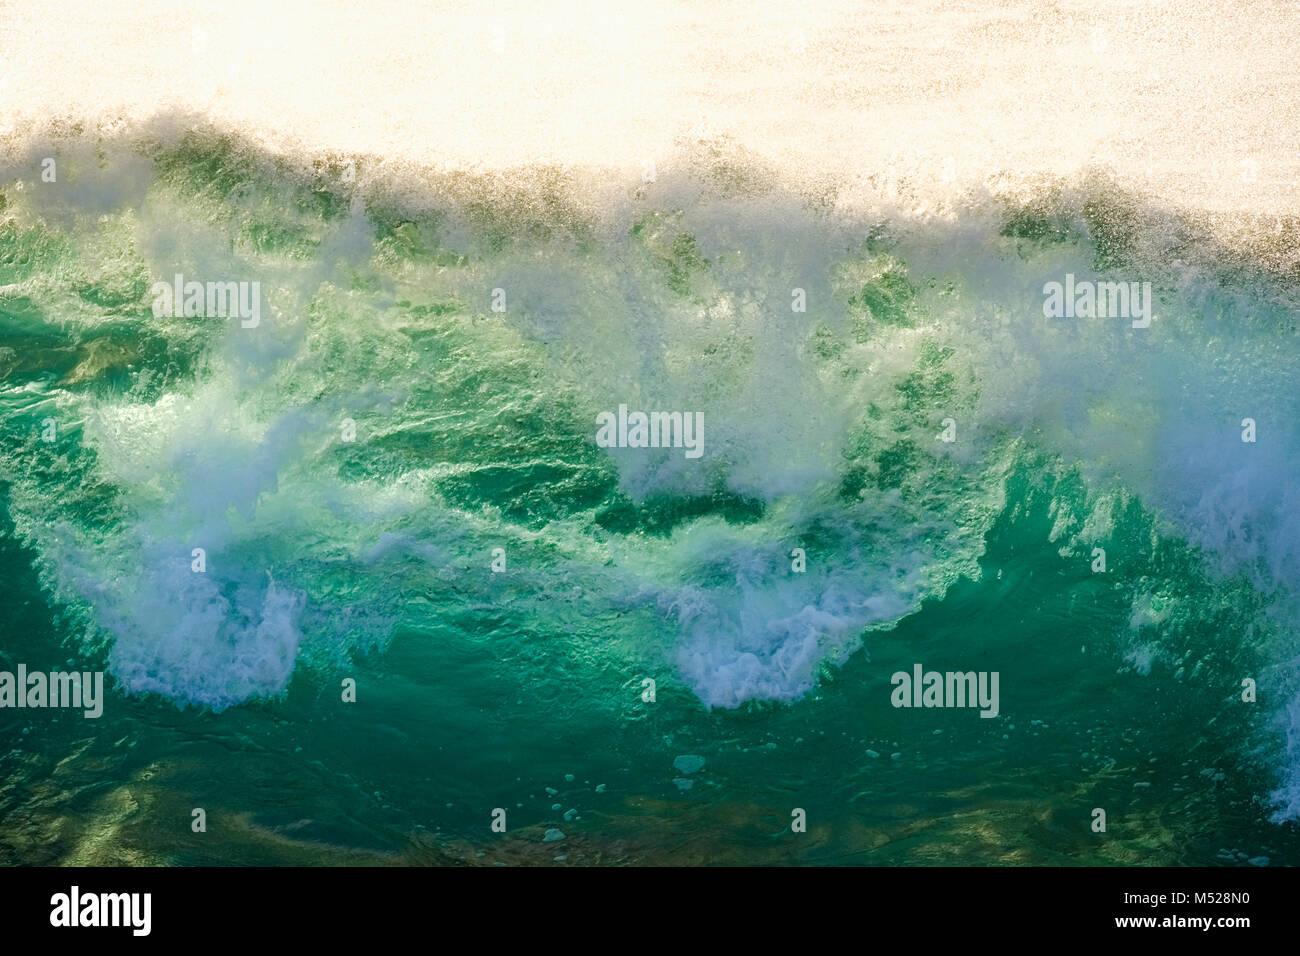 Brechende Welle, Atlantik, La Gomera, Kanarische Inseln, Kanarische Inseln, Spanien Stockbild